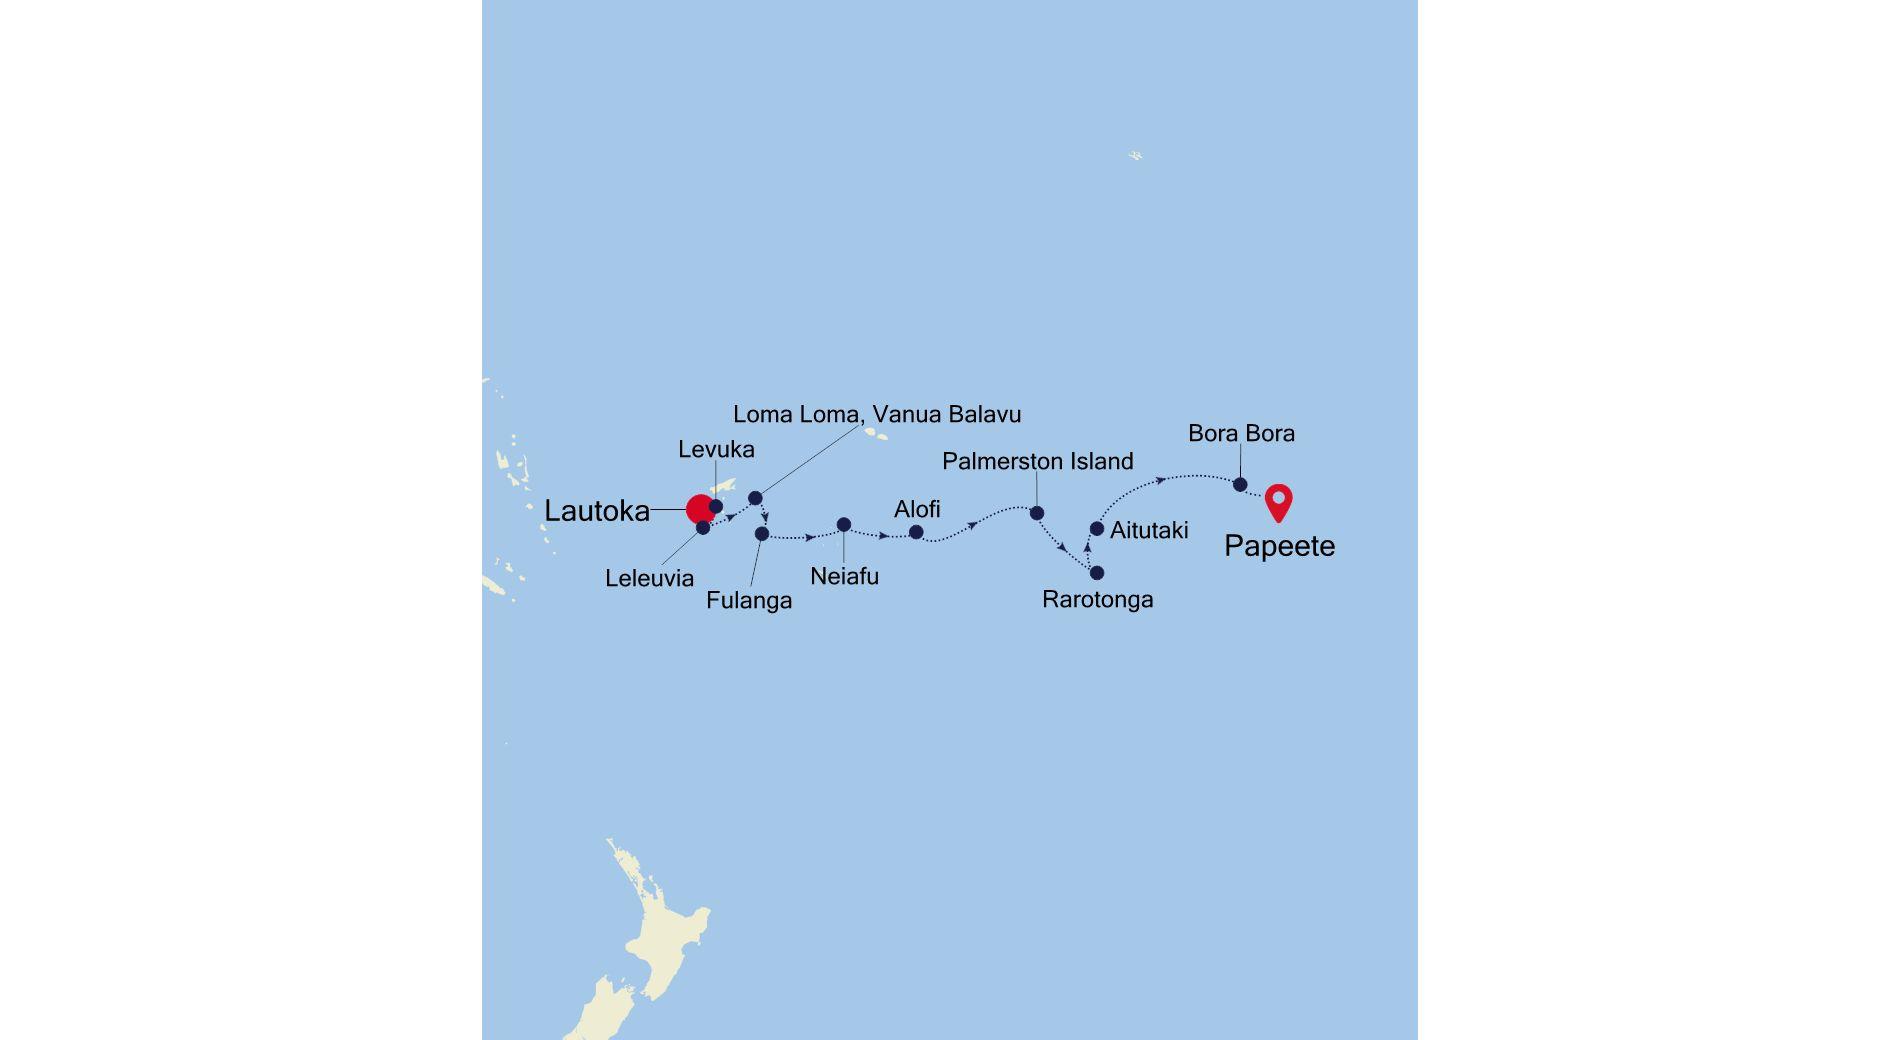 E1210926012 - Lautoka à Papeete